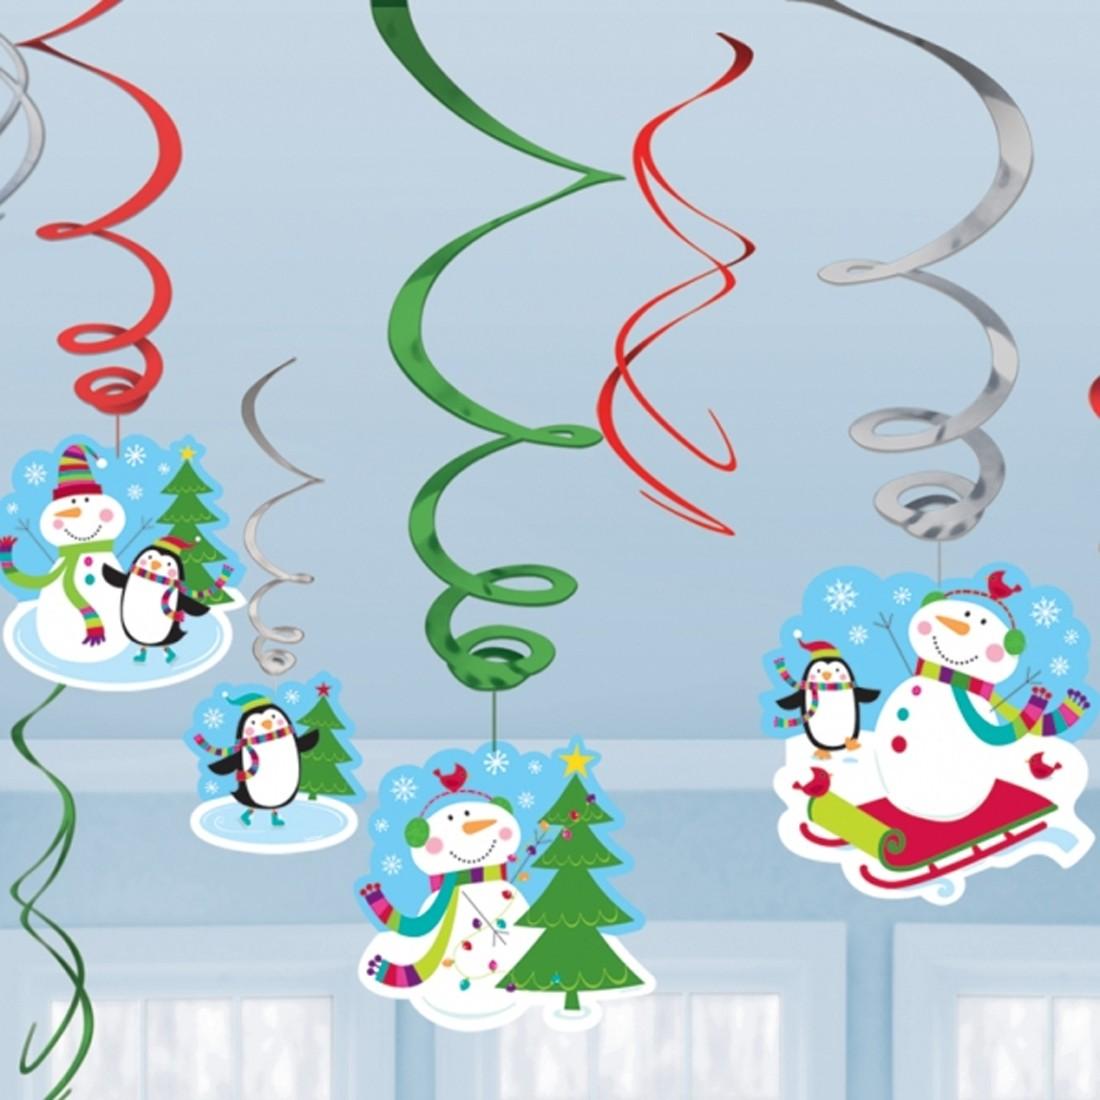 Deko Zeitschriften deko zeitschriften weihnachten execid com